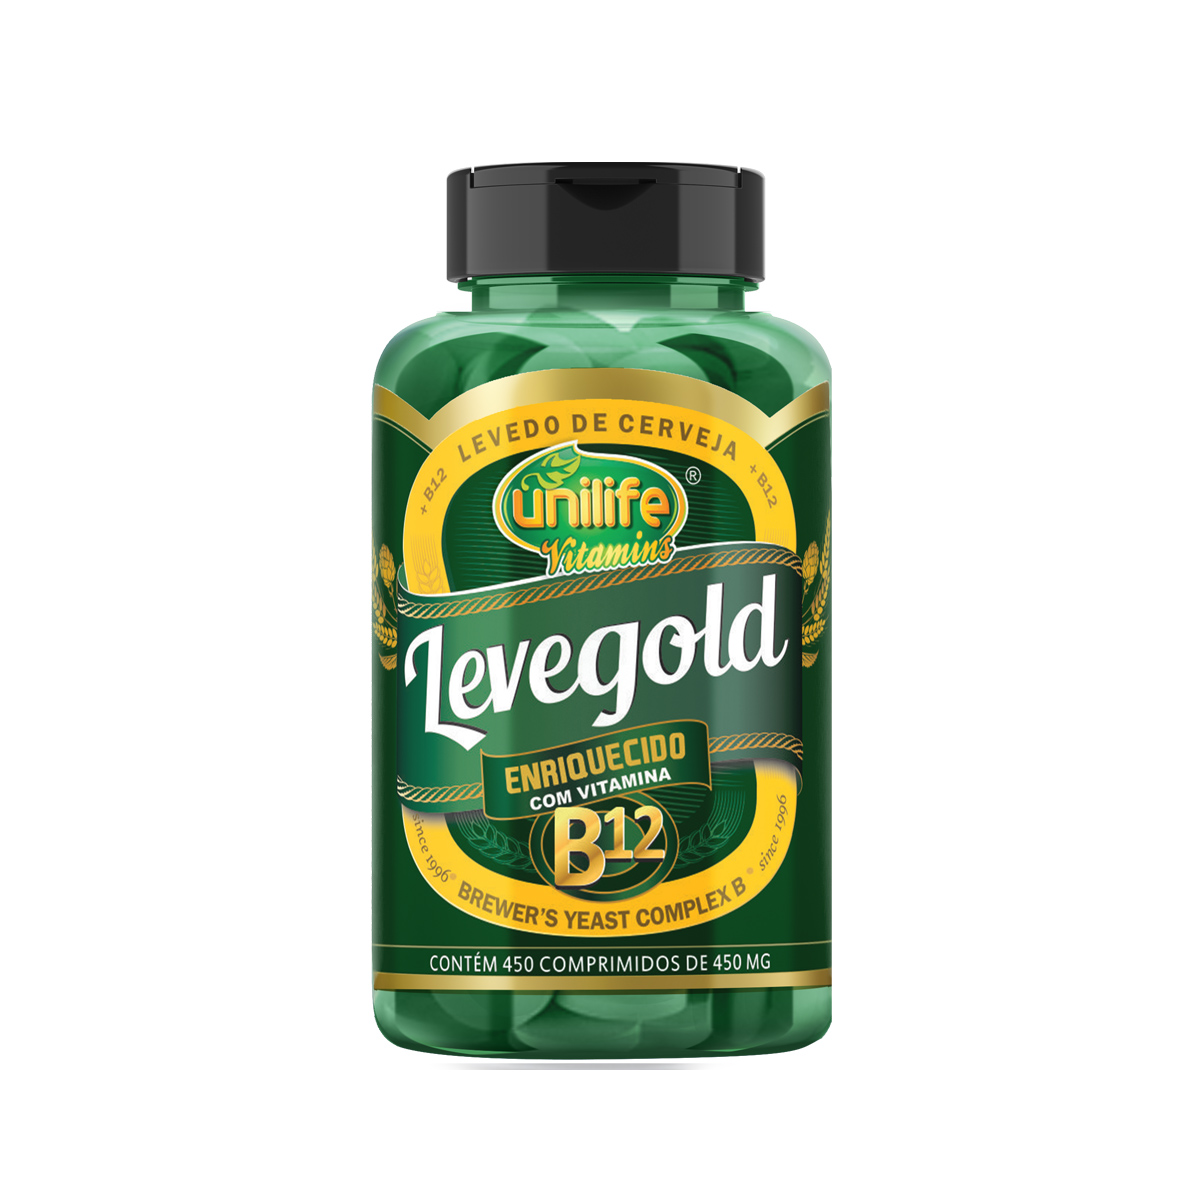 Levedo de Cerveja com Vitamina B12 450mg 450 Comprimidos - Unilife